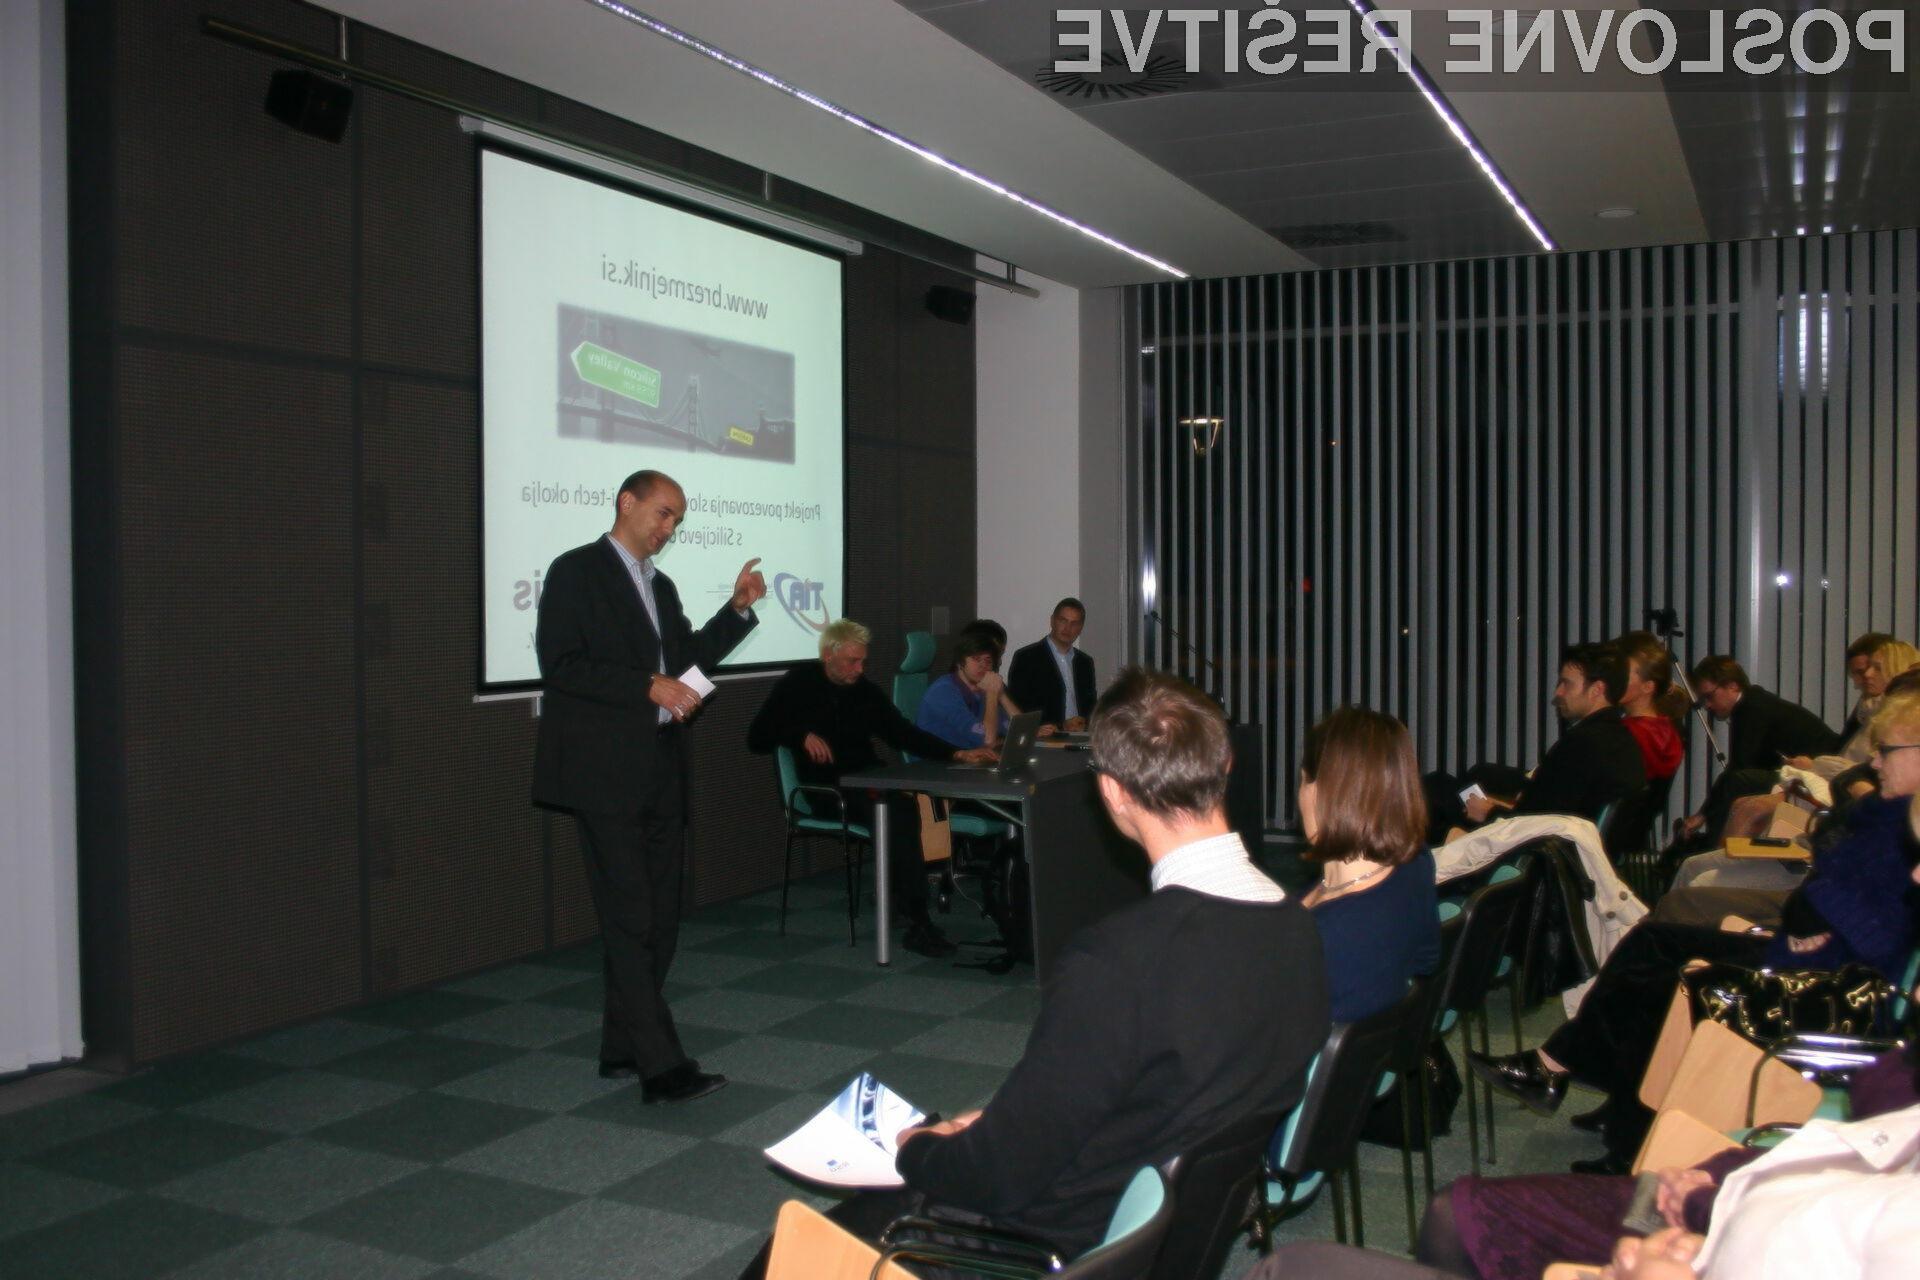 Brezmejnik je projekt podjetja Simgularis, ob podpori Tehnološke agencije Slovenija (TIA), ki je namenjen mladim ekipam in podjetjem v začetnih fazah razvoja.